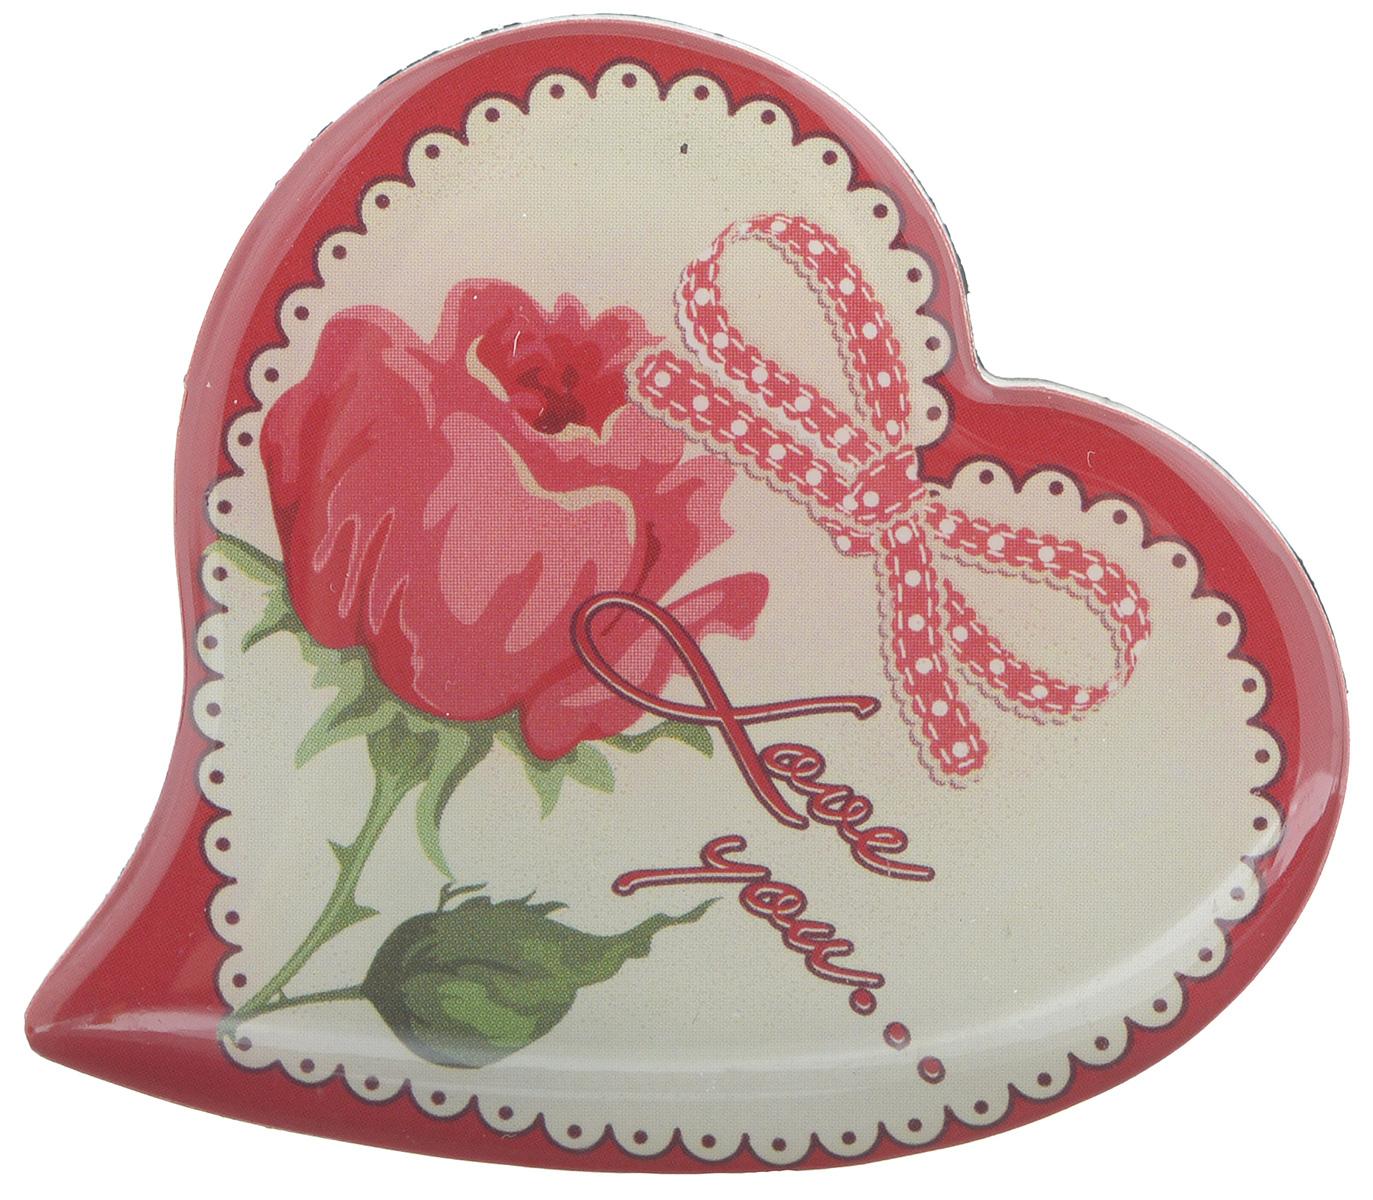 Магнит Феникс-презент Love You..., 5 x 5 см27182Магнит в форме сердца Феникс-презент Love You...,выполненный из агломерированного феррита, станет приятным штрихом вповседневной жизни. Оригинальный магнит, декорированный изображениемрозы,поможет вам украсить не только холодильник, но и любую другую магнитнуюповерхность.Материал: агломерированный феррит.